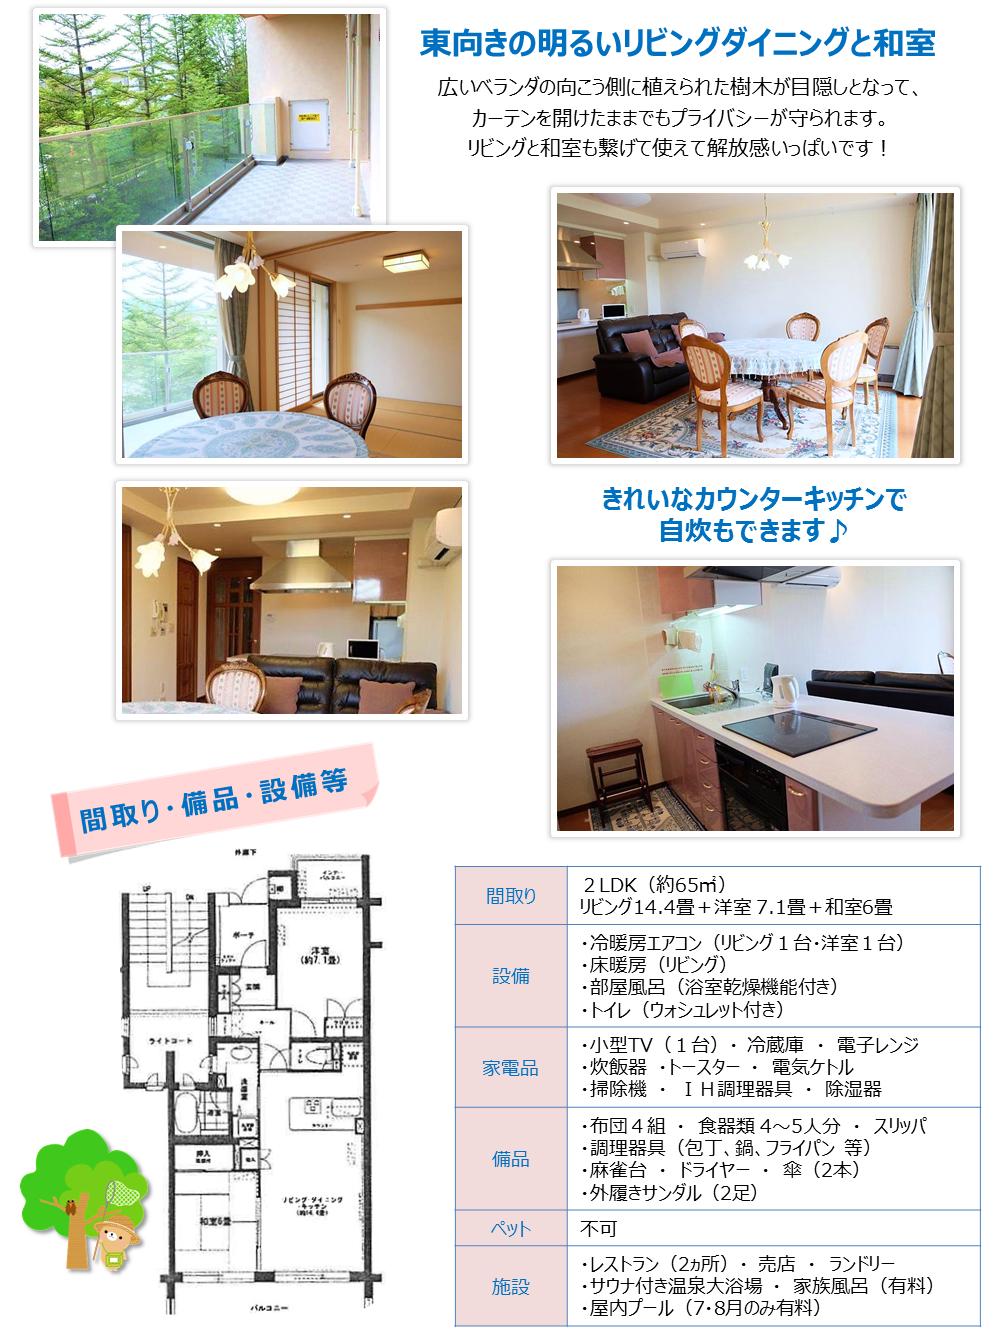 軽井沢 リゾート物件情報